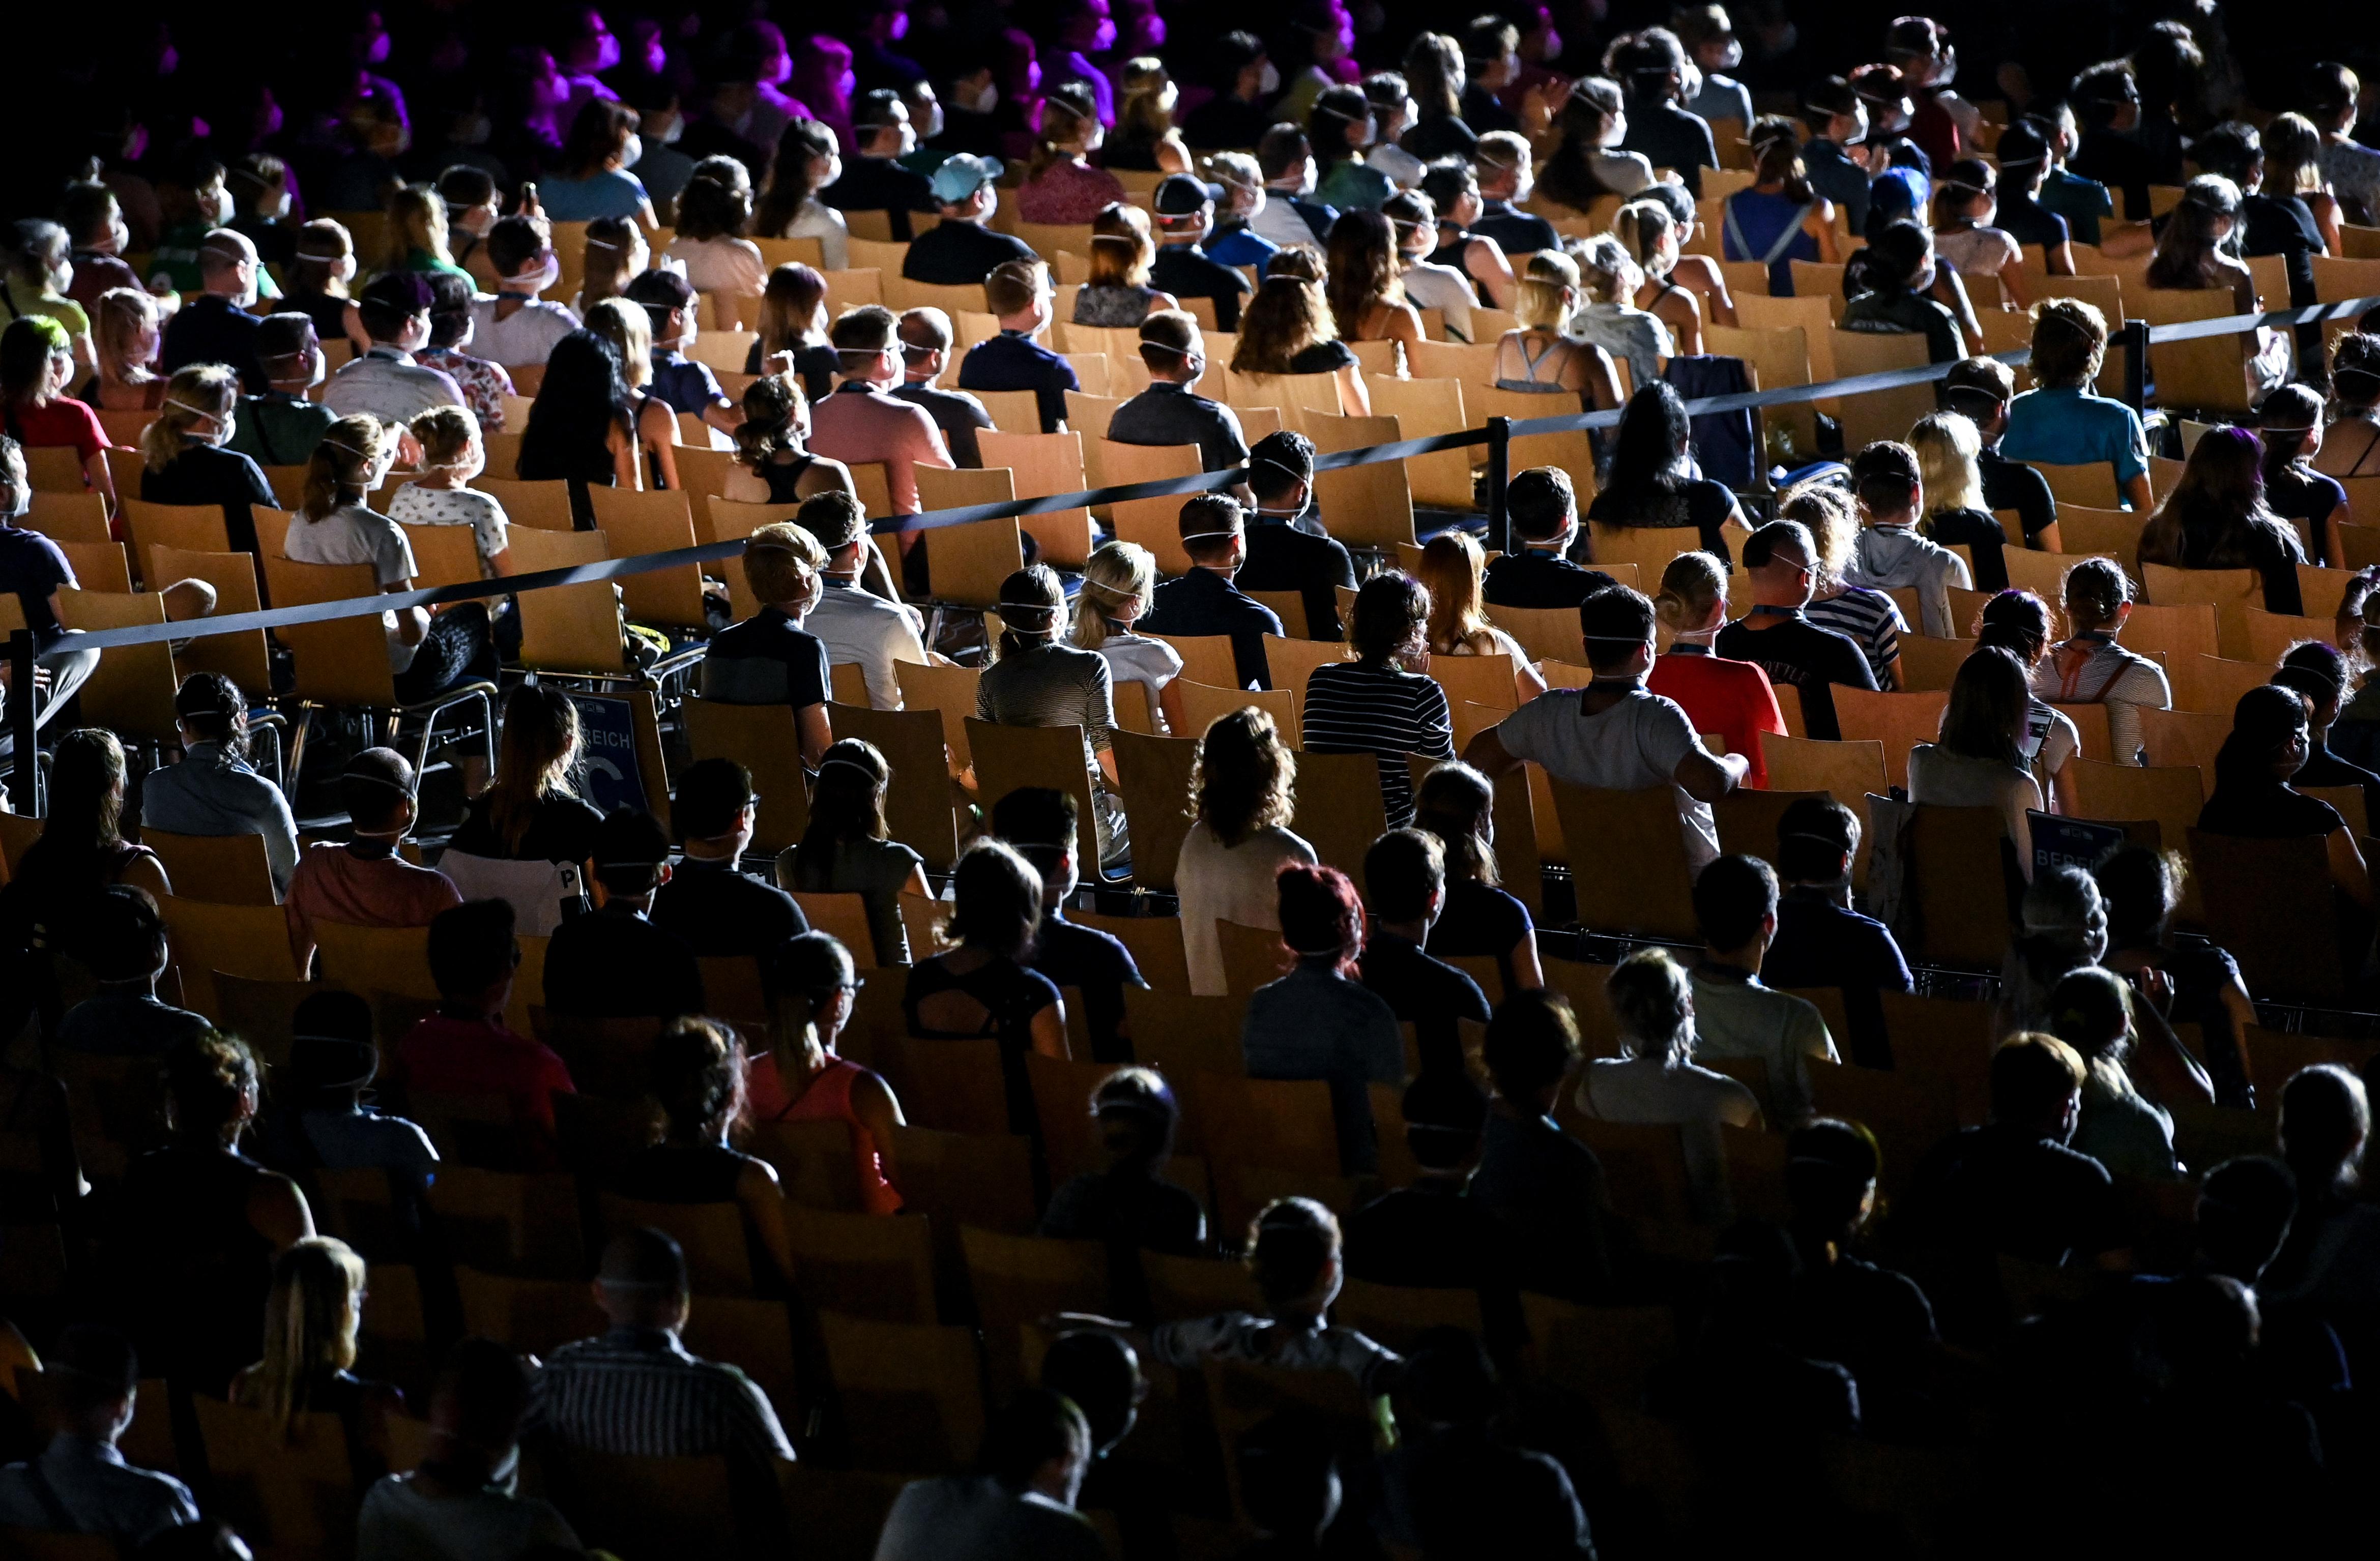 Több mint ezer emberen tesztelték Lipcsében, hogyan lehetne biztonságos koncerteket tartani